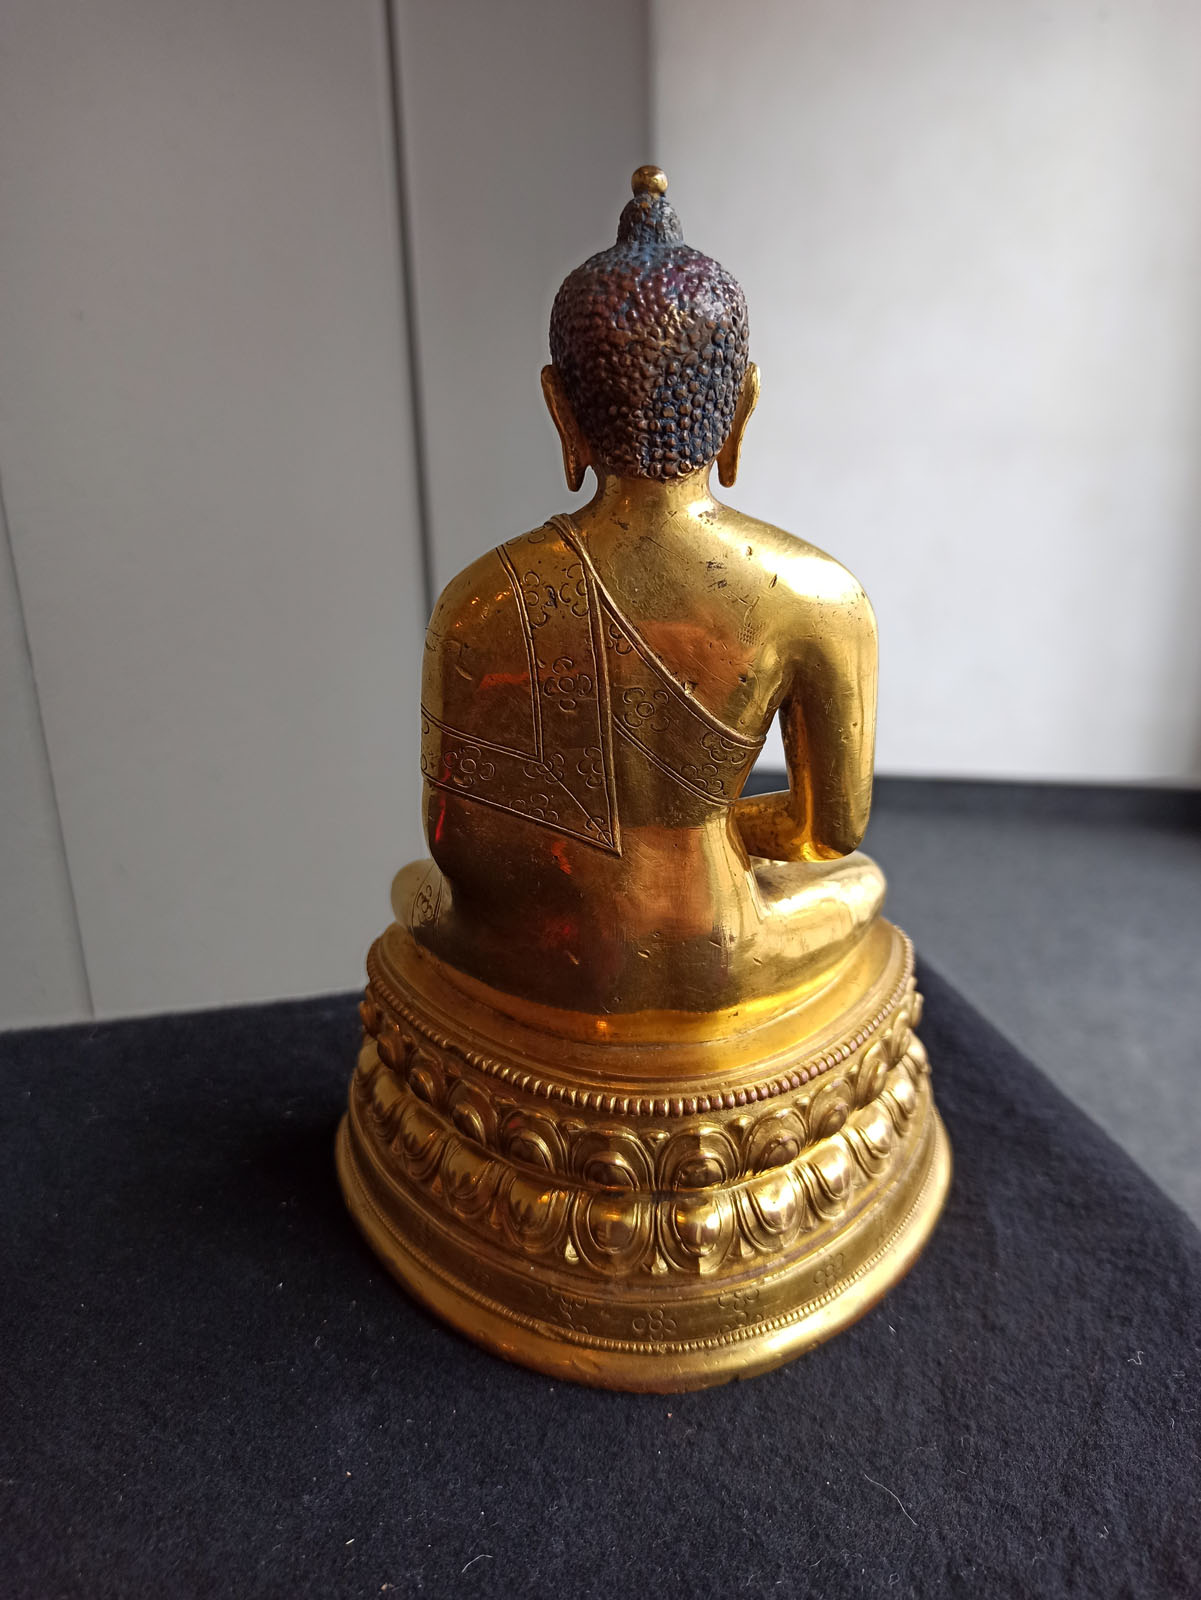 A FINE GILT-BRONZE FIGURE OF BUDDHA SHAKYAMUNI IN ZANABAZAR STYLE - Image 8 of 10